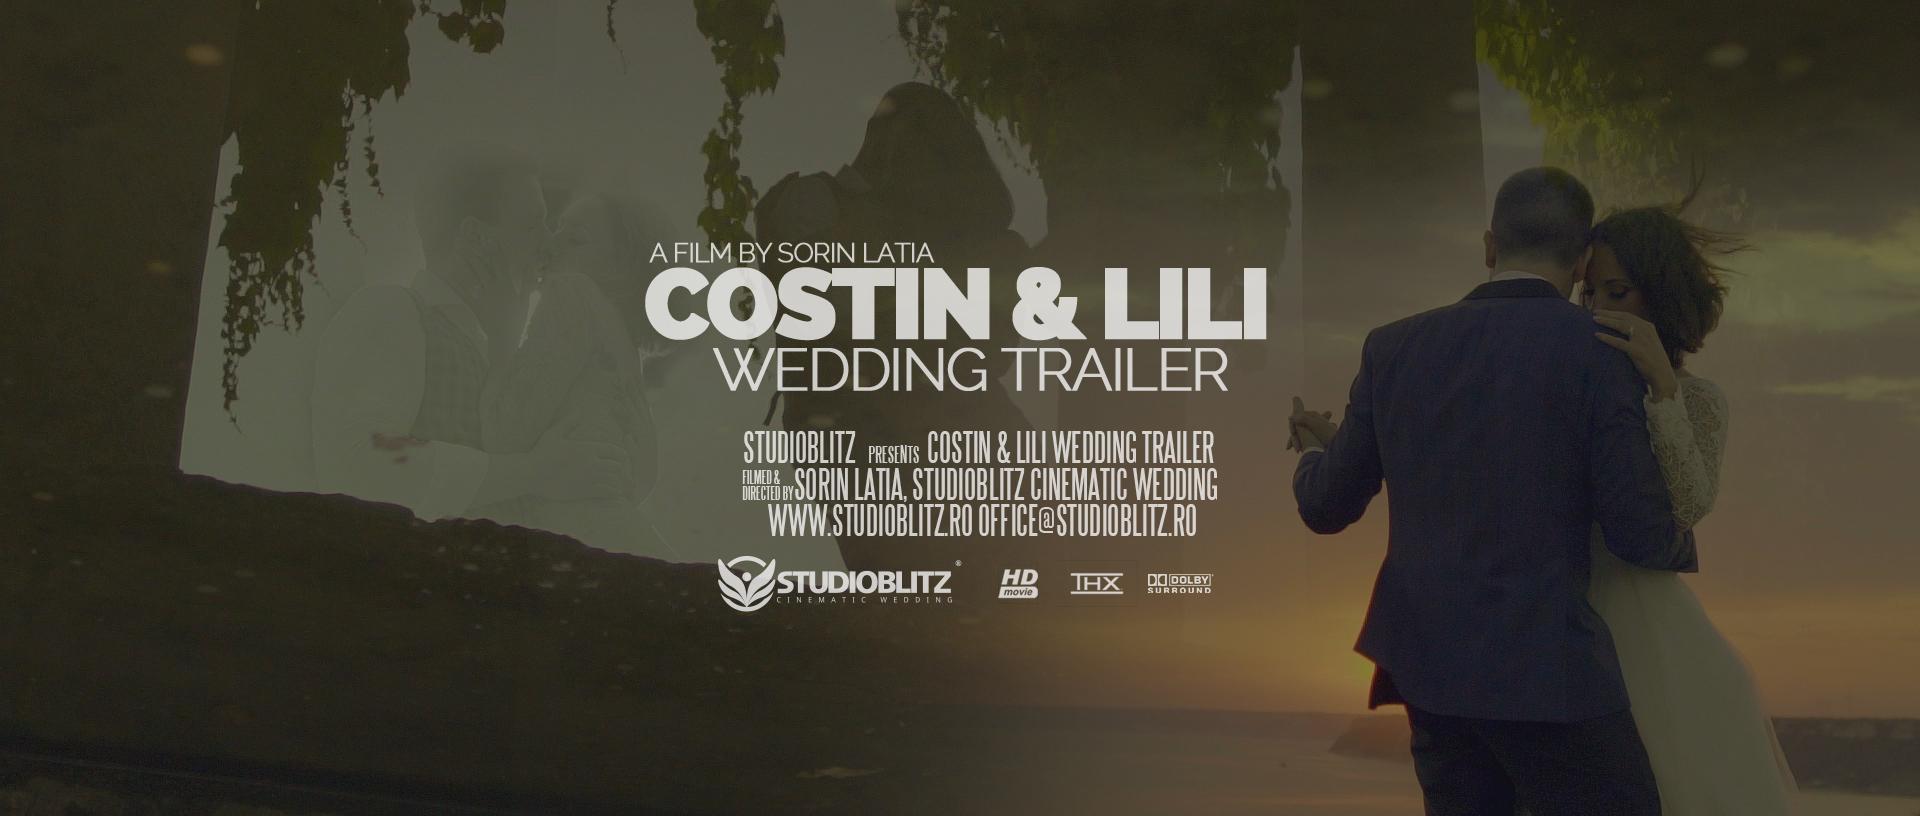 coperta-filmare-nunta-costin-si-lili-trailer1